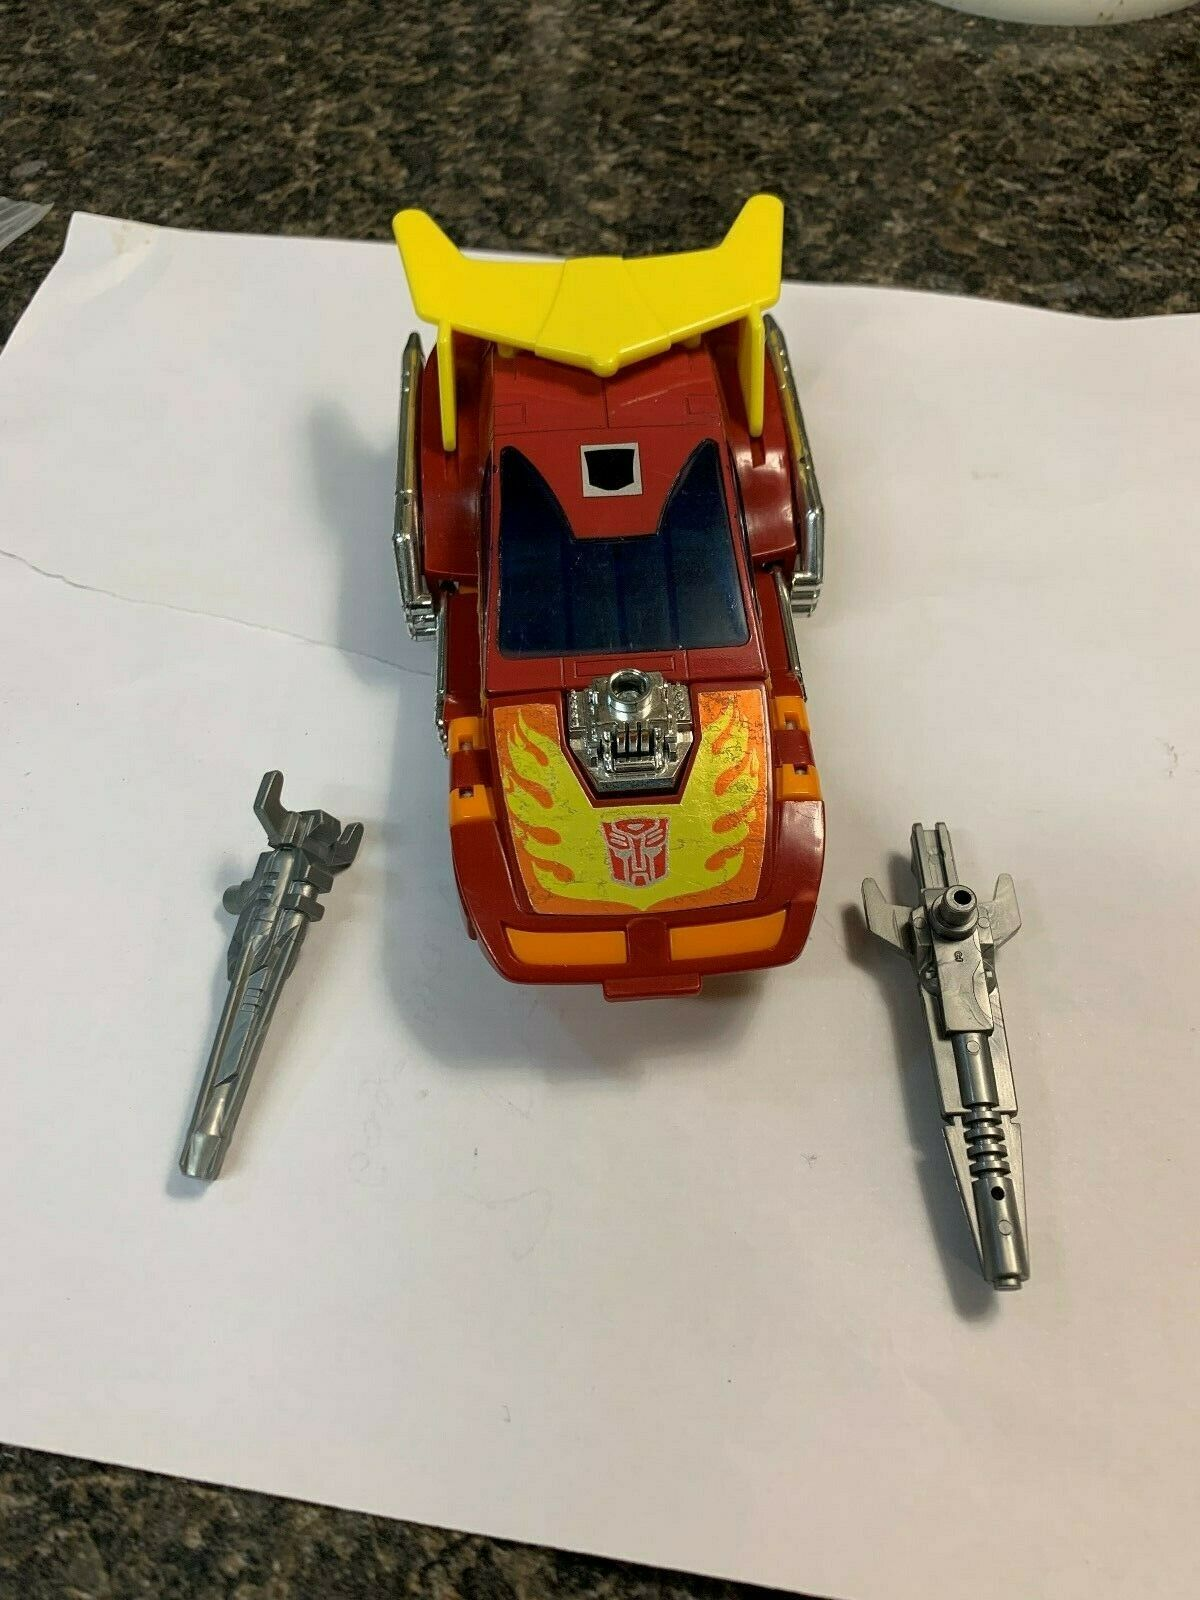 Transformers Original G1 varm Rod 1986 Fullständiga metallmärken